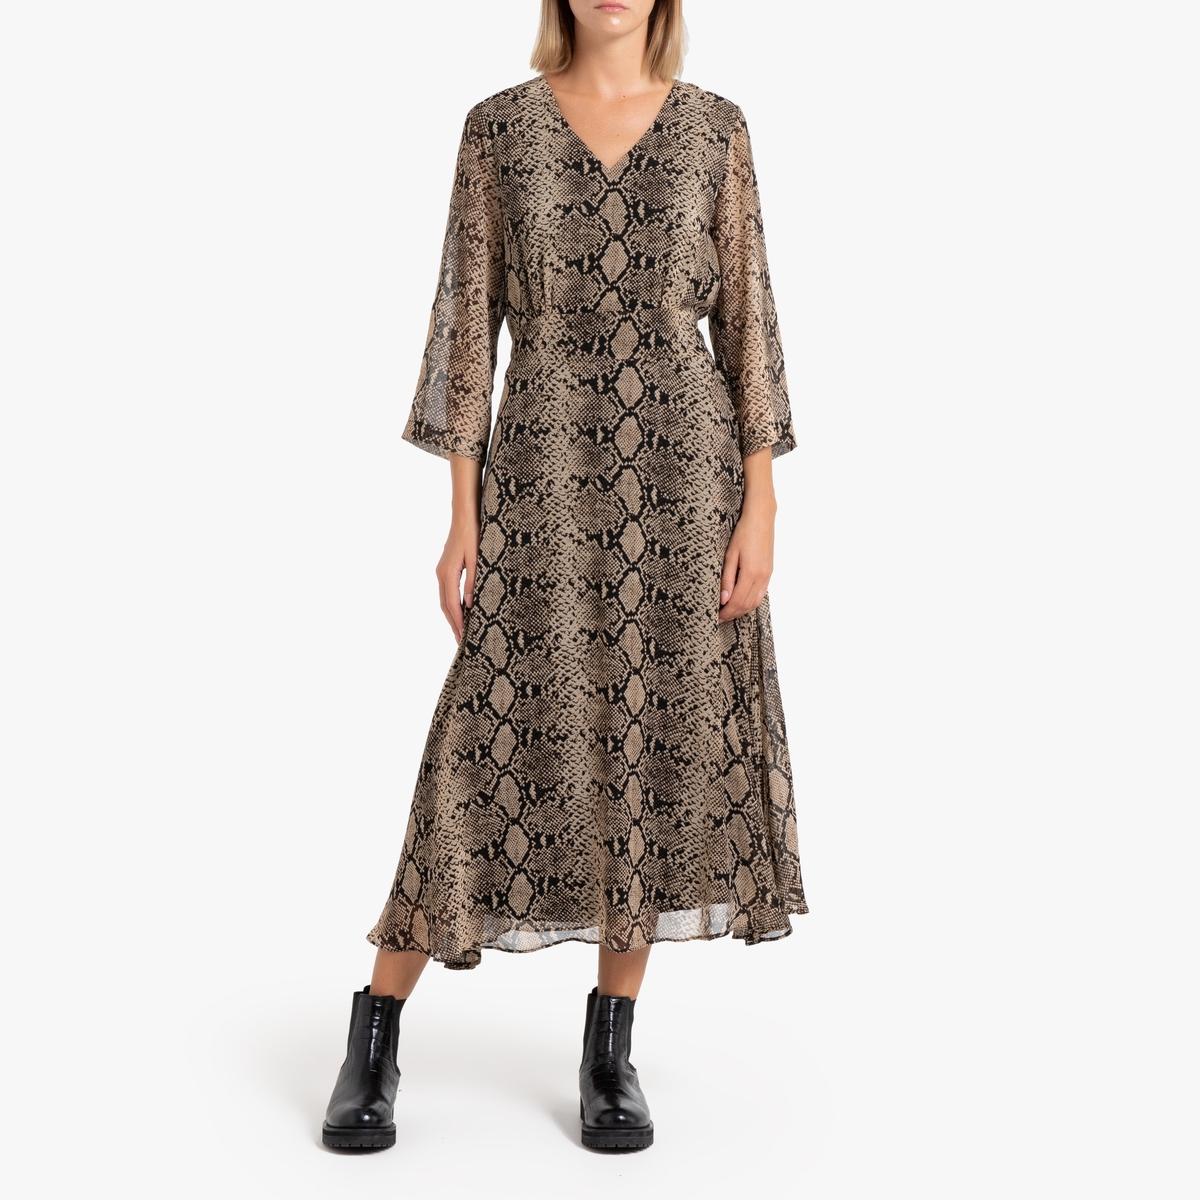 купить Платье La Redoute С рисунком под кожу питона и длинными рукавами CAMILA 0(XS) каштановый дешево